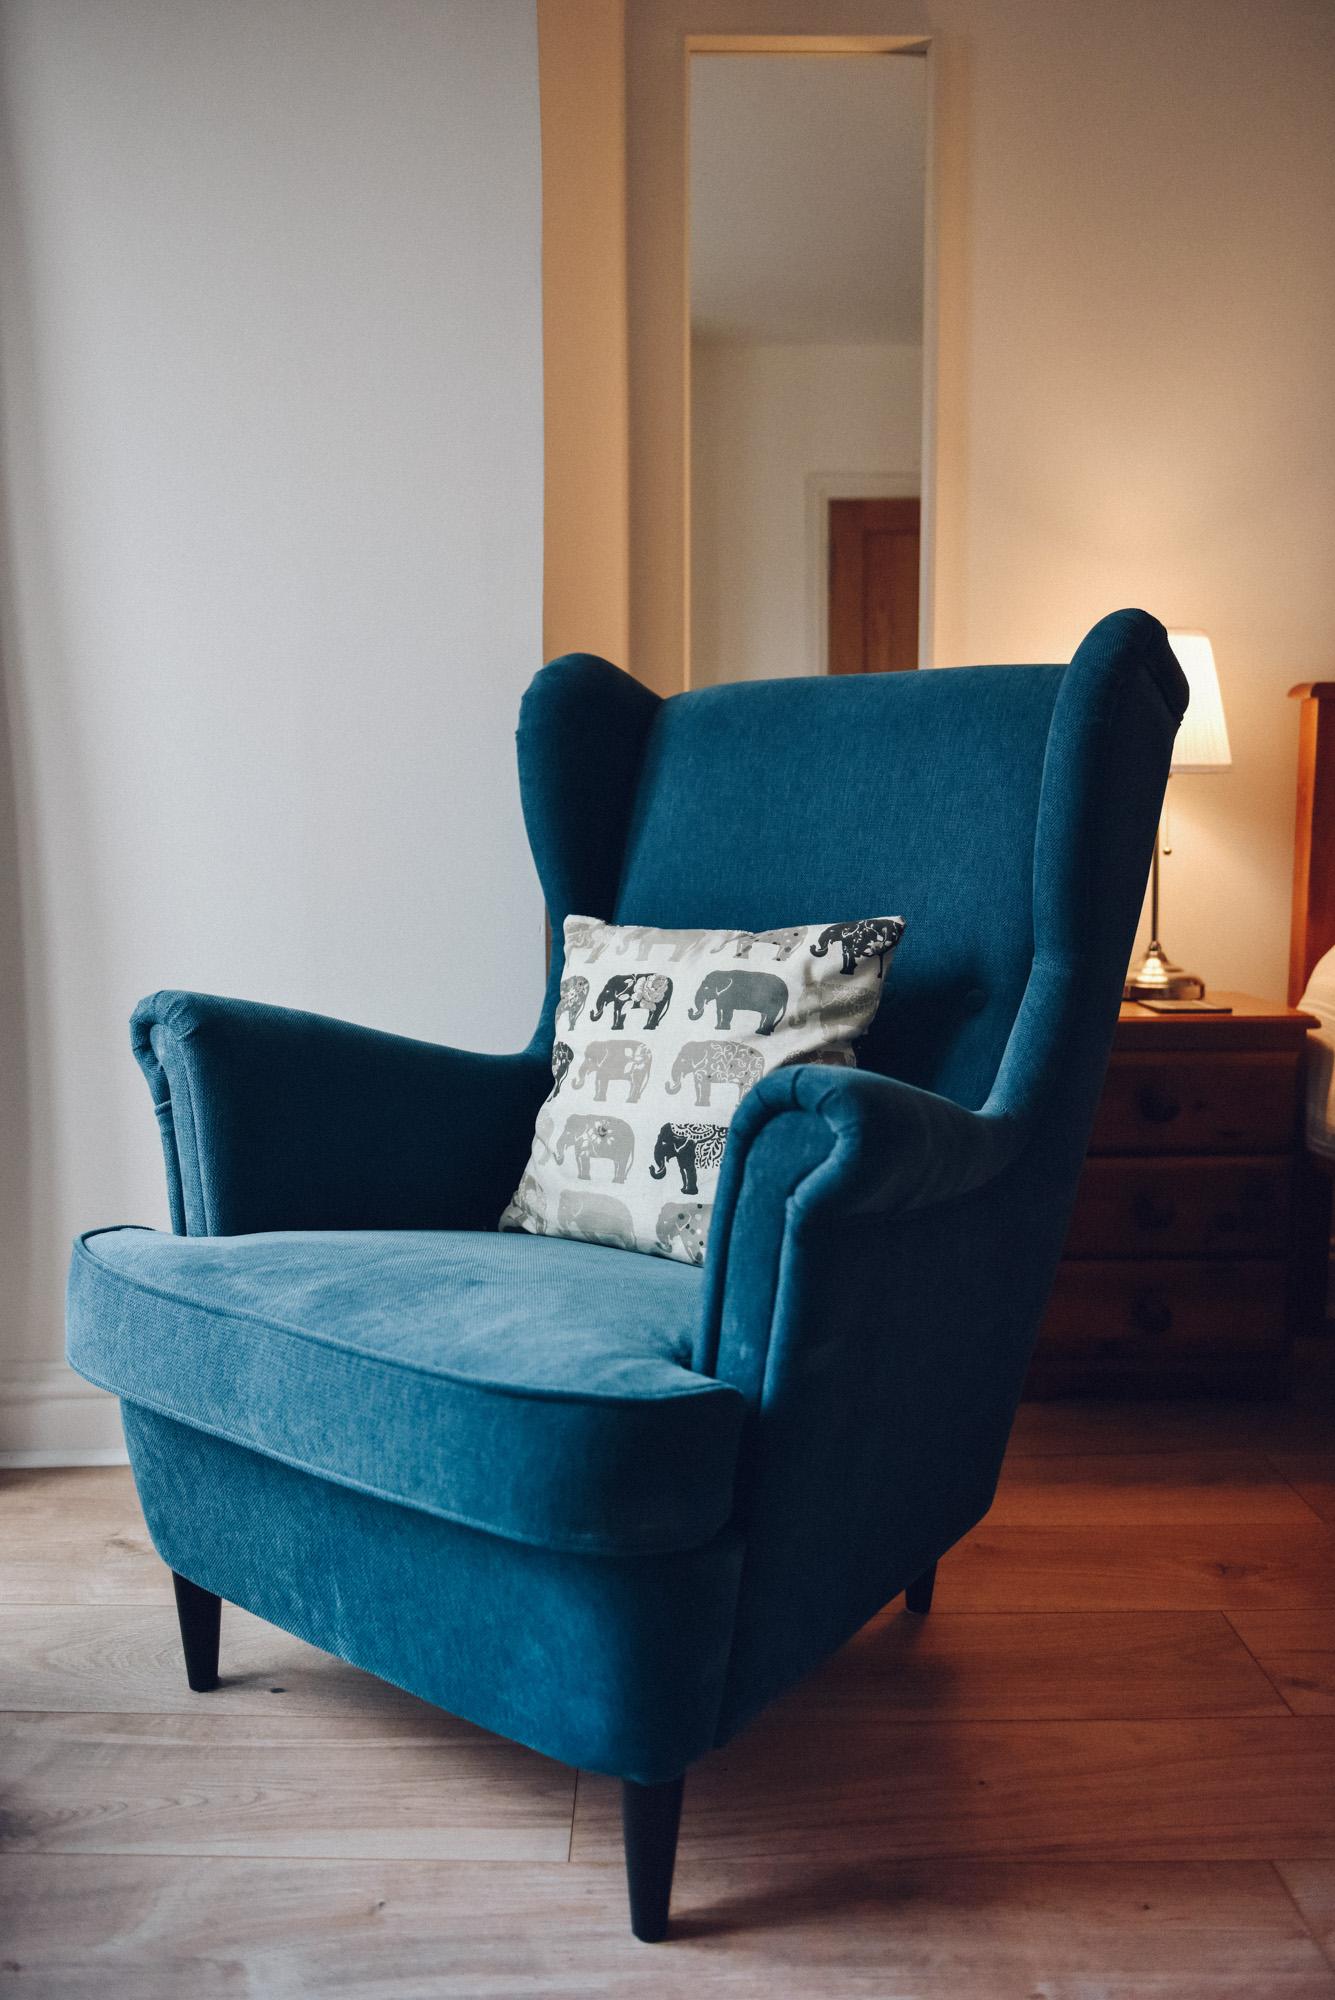 Armchair in bedroom